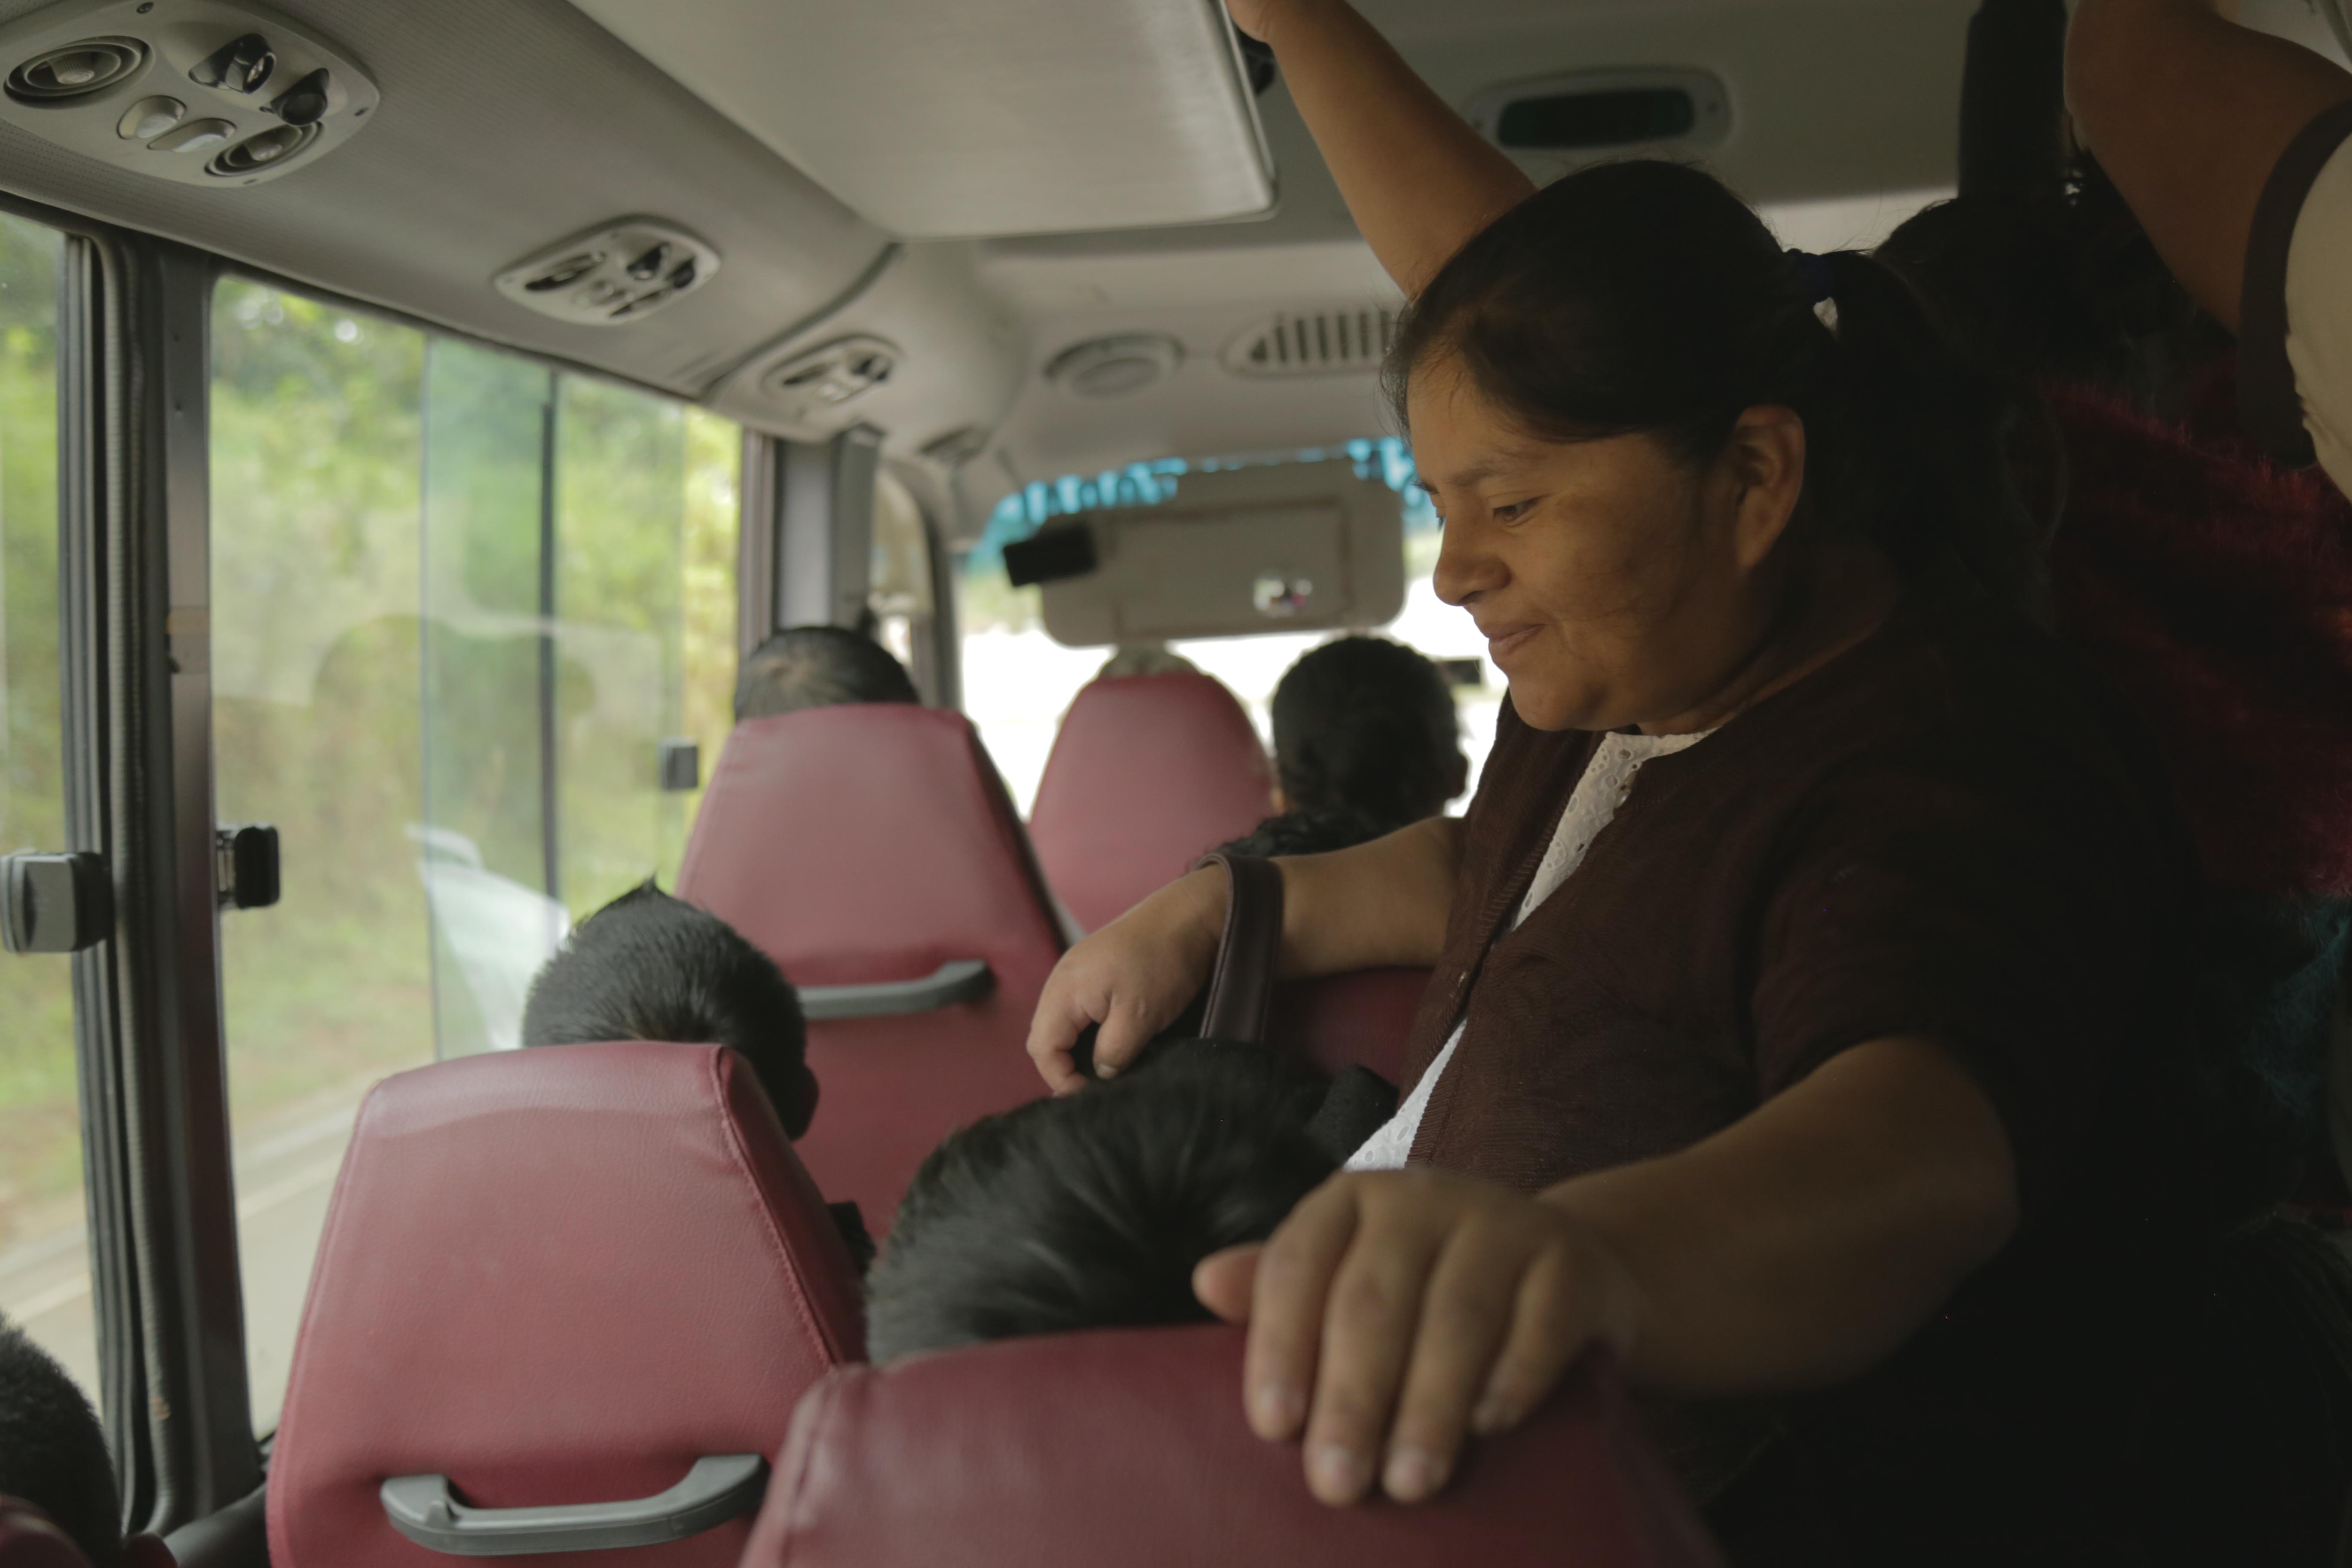 Laura aborda tres microbuses en cada trayecto, desde su casa a su trabajo. Foto: Carla Molina